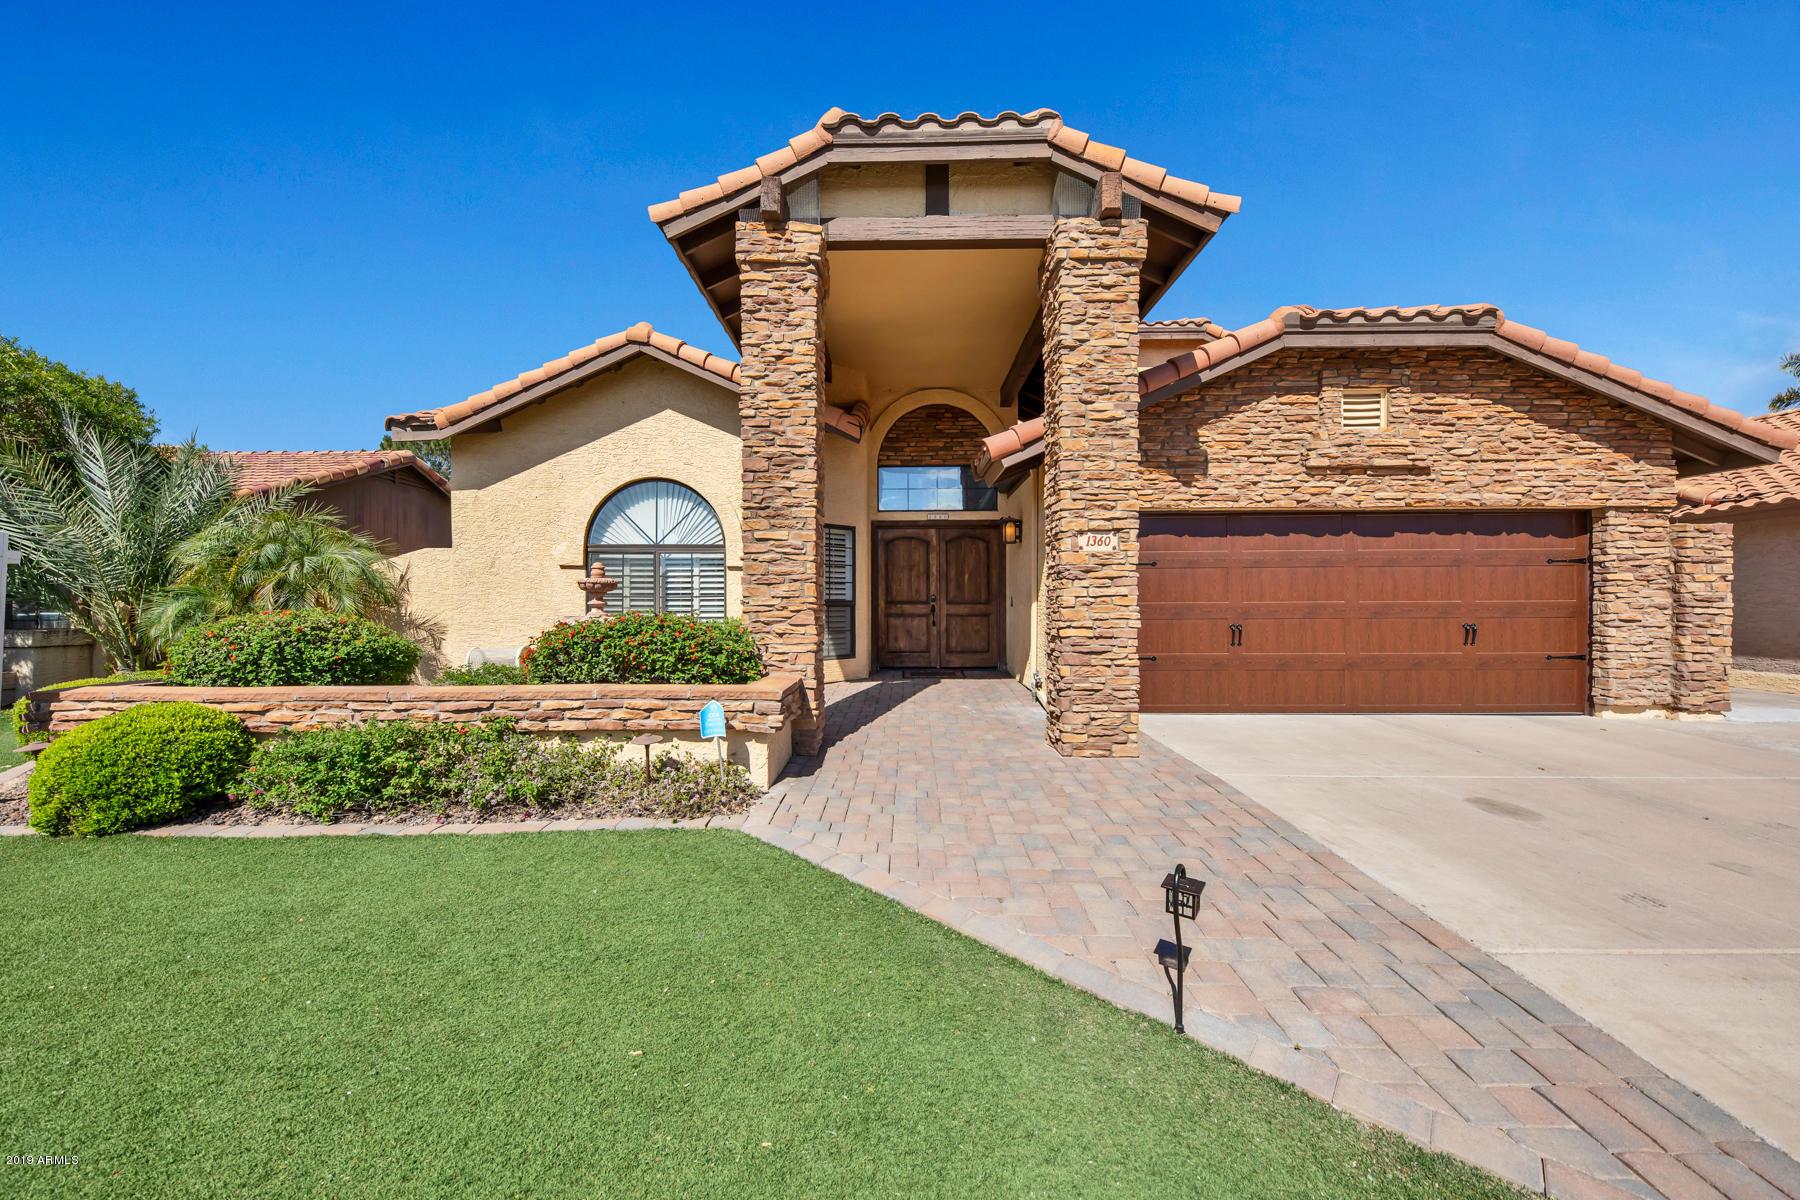 Photo of 1360 N AMBROSIA --, Mesa, AZ 85205